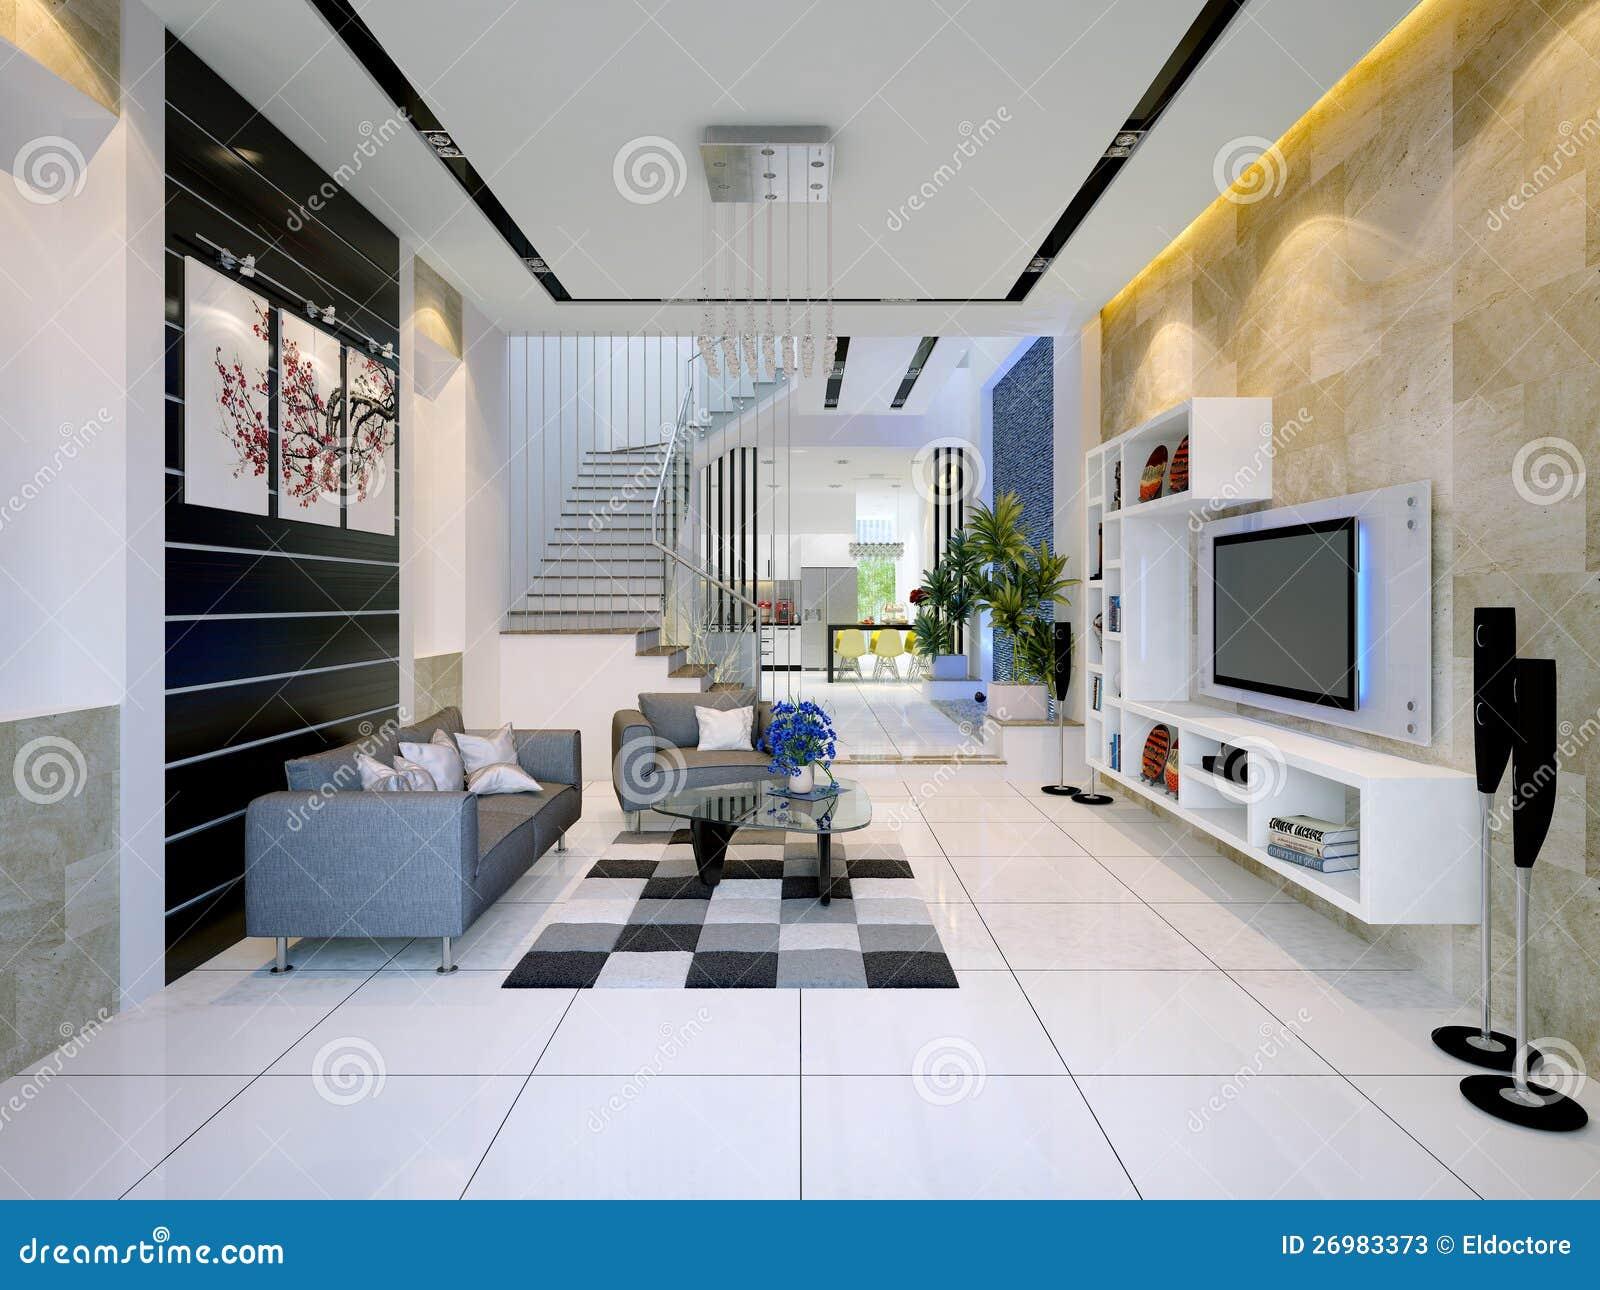 Interiore di una casa moderna con il salone immagine stock for Salone casa moderna